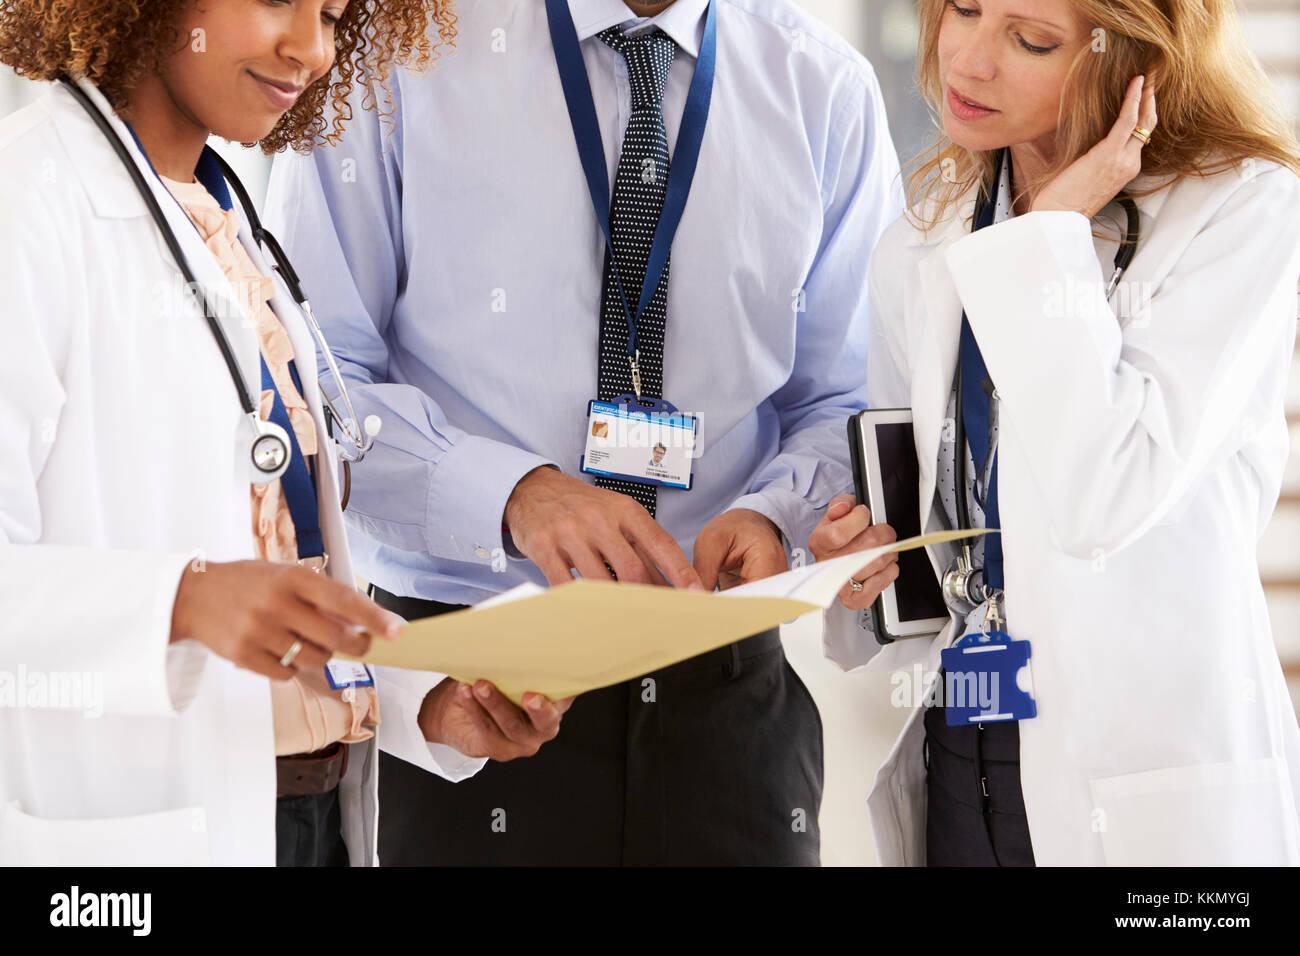 Trois jeunes hommes et les femmes médecins consulting, mid section Photo Stock